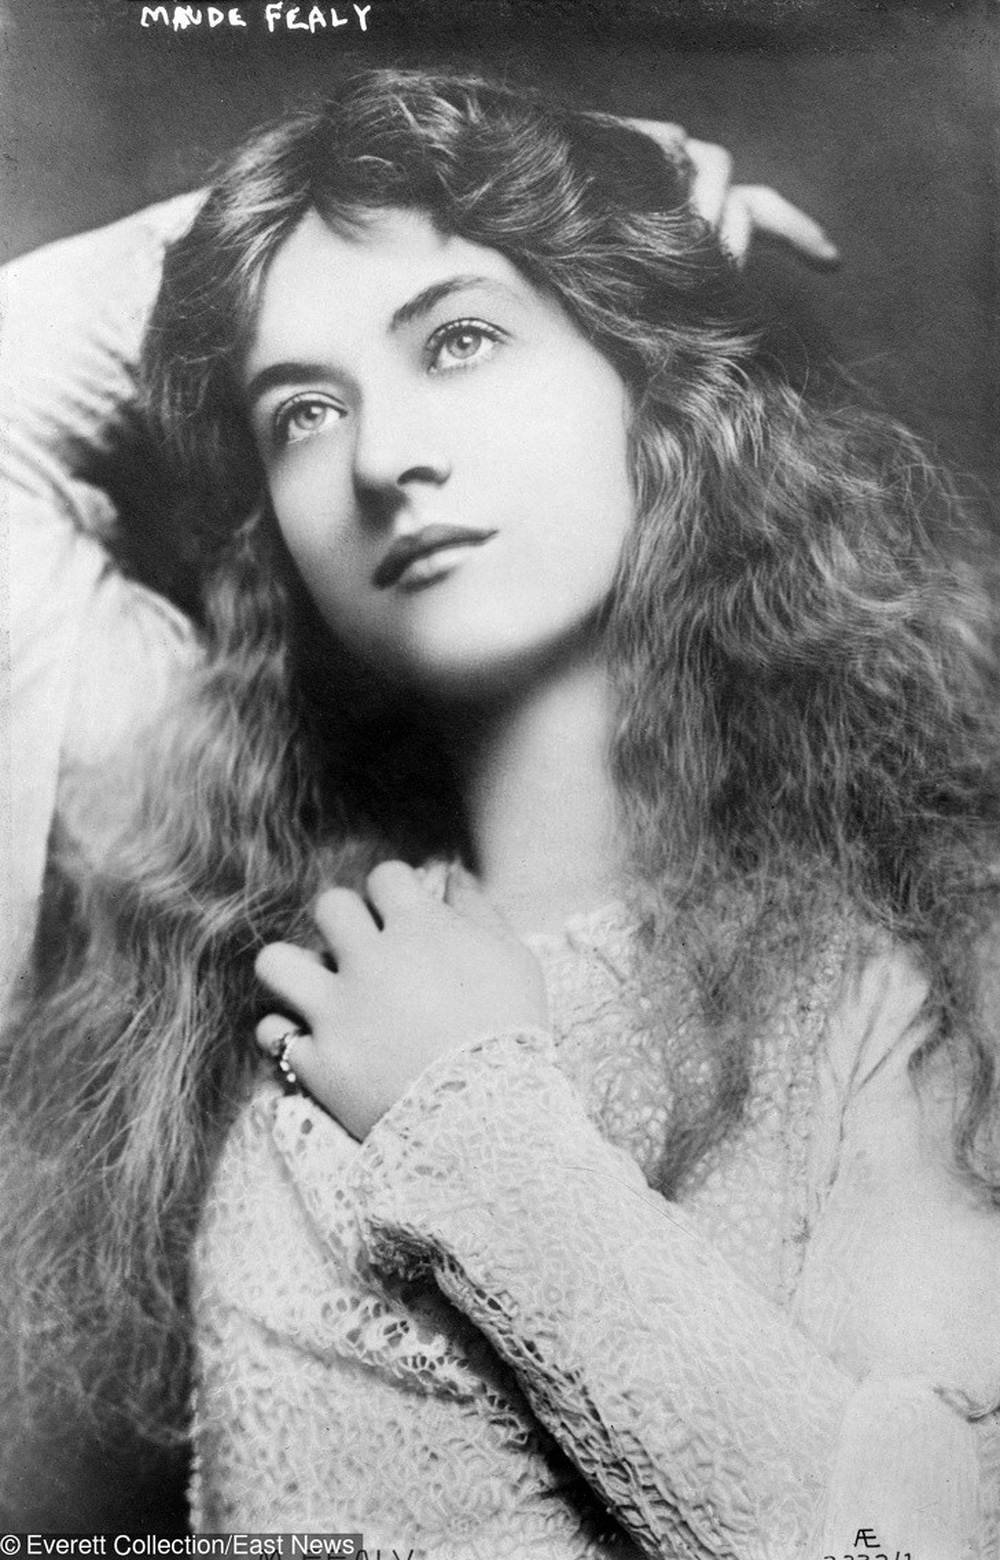 Những người phụ nữ đẹp nhất hơn 100 năm qua - có thể sẽ khiến bạn ngẩn ngơ! - Ảnh 6.